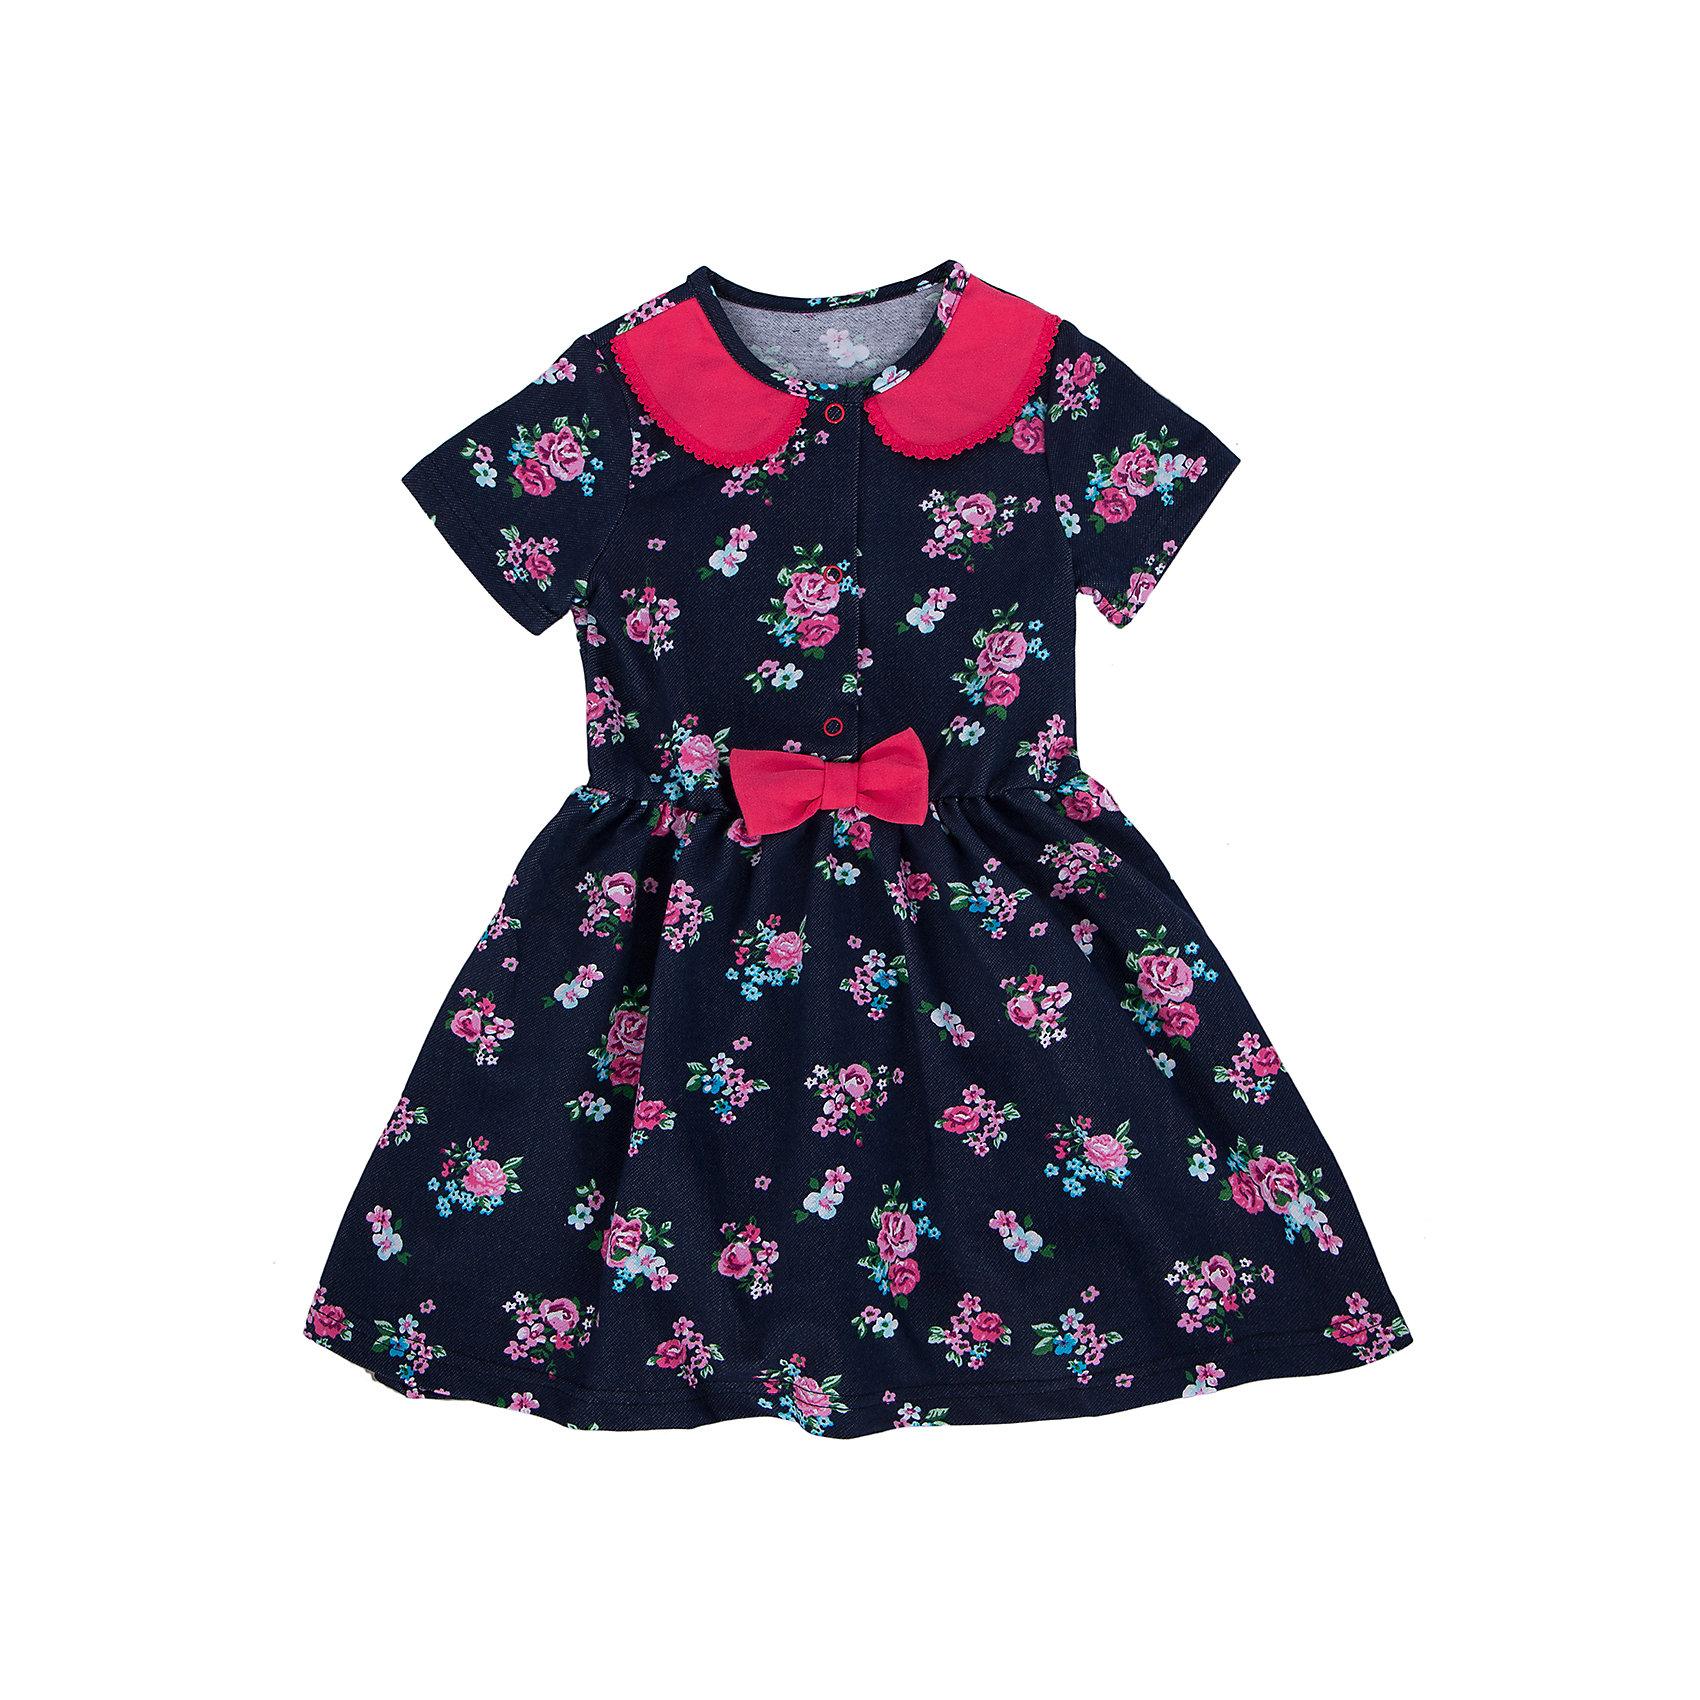 Платье для девочки АпрельПлатье Апрель<br>Милое темно-синее платье с цветочным принтом в виде роз и незабудок приведет в восторг юных модниц. Изделие с короткими рукавами, застегивается на кнопки, декорировано контрастным отложным воротничком и бантиком. Платье изготовлено из тонкого прочного хлопкового трикотажного полотна – кулир с добавлением полиэстера и лайкры. Приятная на ощупь ткань исключит риск возникновения аллергии и раздражения при соприкосновении с нежной детской кожей. Простота в уходе делает изделие отличным вариантом для повседневного гардероба ребёнка. Дети очень активны и подвижны, а благодаря современным лекалам, используемым при производстве модели, ваше чадо будет свободно двигаться, и принимать активное участие в играх. Новейшее оборудование на производстве обеспечивает надёжность швов и длительный срок службы изделия.<br><br>Дополнительная информация:<br><br>- Цвет: темно-синий, красный<br>- Длина рукава: короткие<br>- Тип застежки: кнопки<br>- Длина юбки: мини<br>- Без карманов<br>- По назначению: повседневный стиль<br>- Ткань: кулир<br>- Состав: 60% хлопок, 30% полиэстер, 10% лайкра<br><br>Платье Апрель можно купить в нашем интернет-магазине.<br><br>Ширина мм: 236<br>Глубина мм: 16<br>Высота мм: 184<br>Вес г: 177<br>Цвет: синий<br>Возраст от месяцев: 48<br>Возраст до месяцев: 60<br>Пол: Женский<br>Возраст: Детский<br>Размер: 110,92,122,116,104,98<br>SKU: 4726526